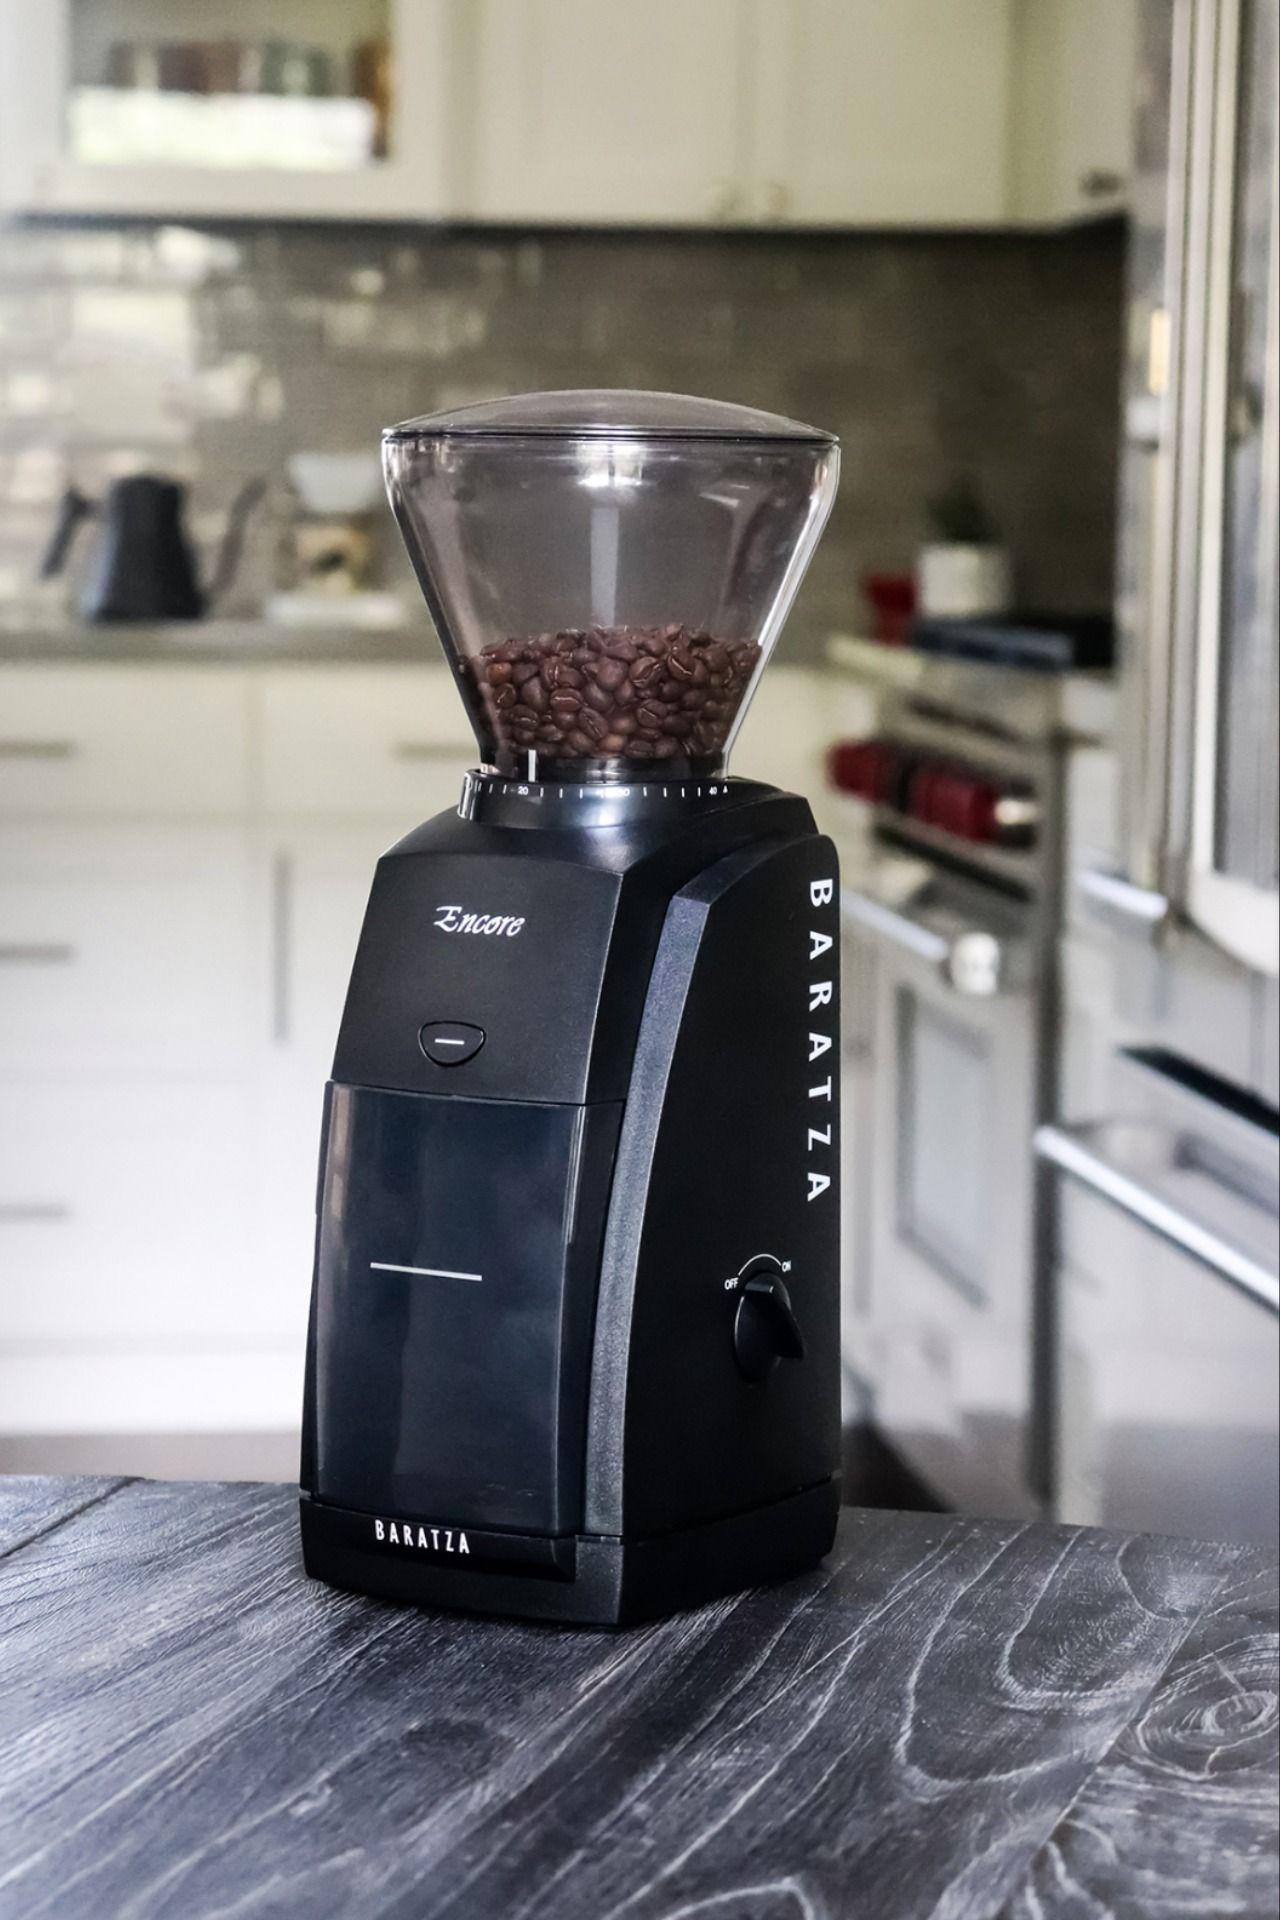 Espresso machine with coffee grinder Catler ES 8012